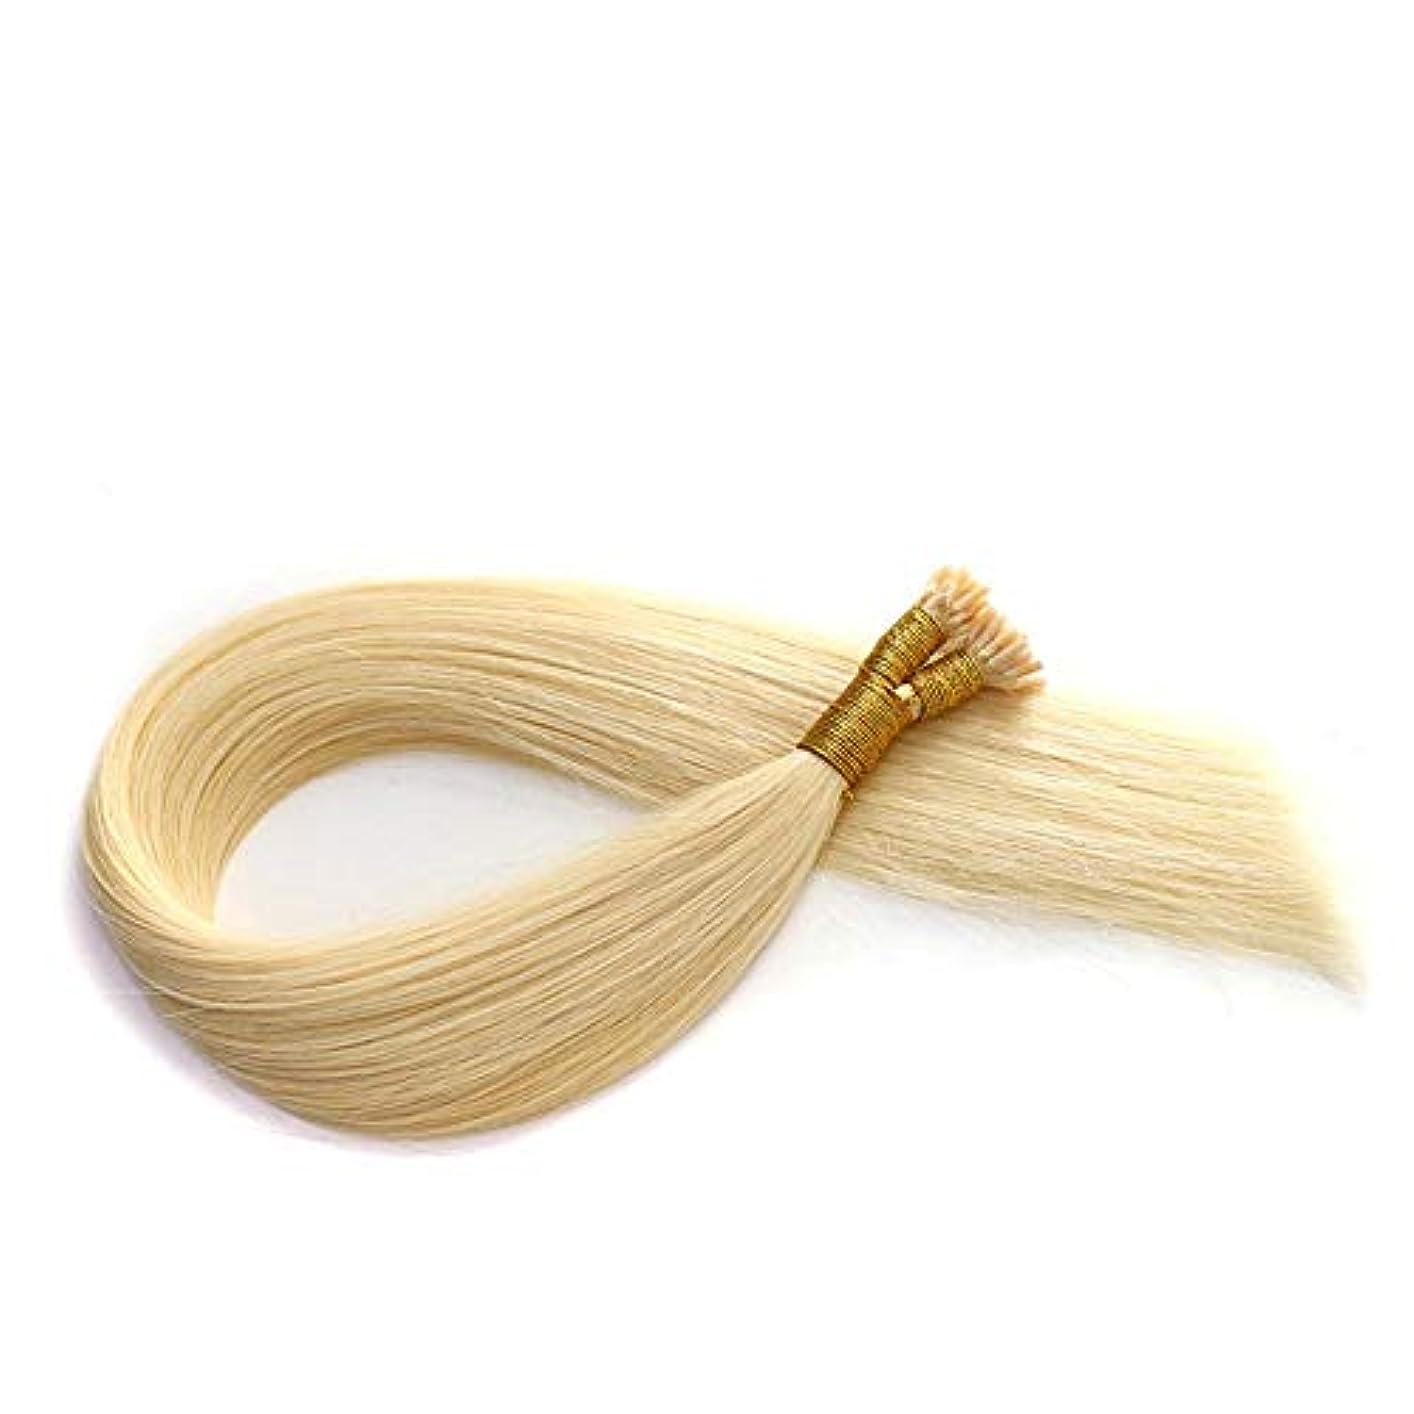 範囲公式換気するWASAIO ヘアエクステンションクリップのシームレスな髪型ブロンドナノリングリテラル太い人間レミーすべての長さの光 (色 : Blonde, サイズ : 12 inch)